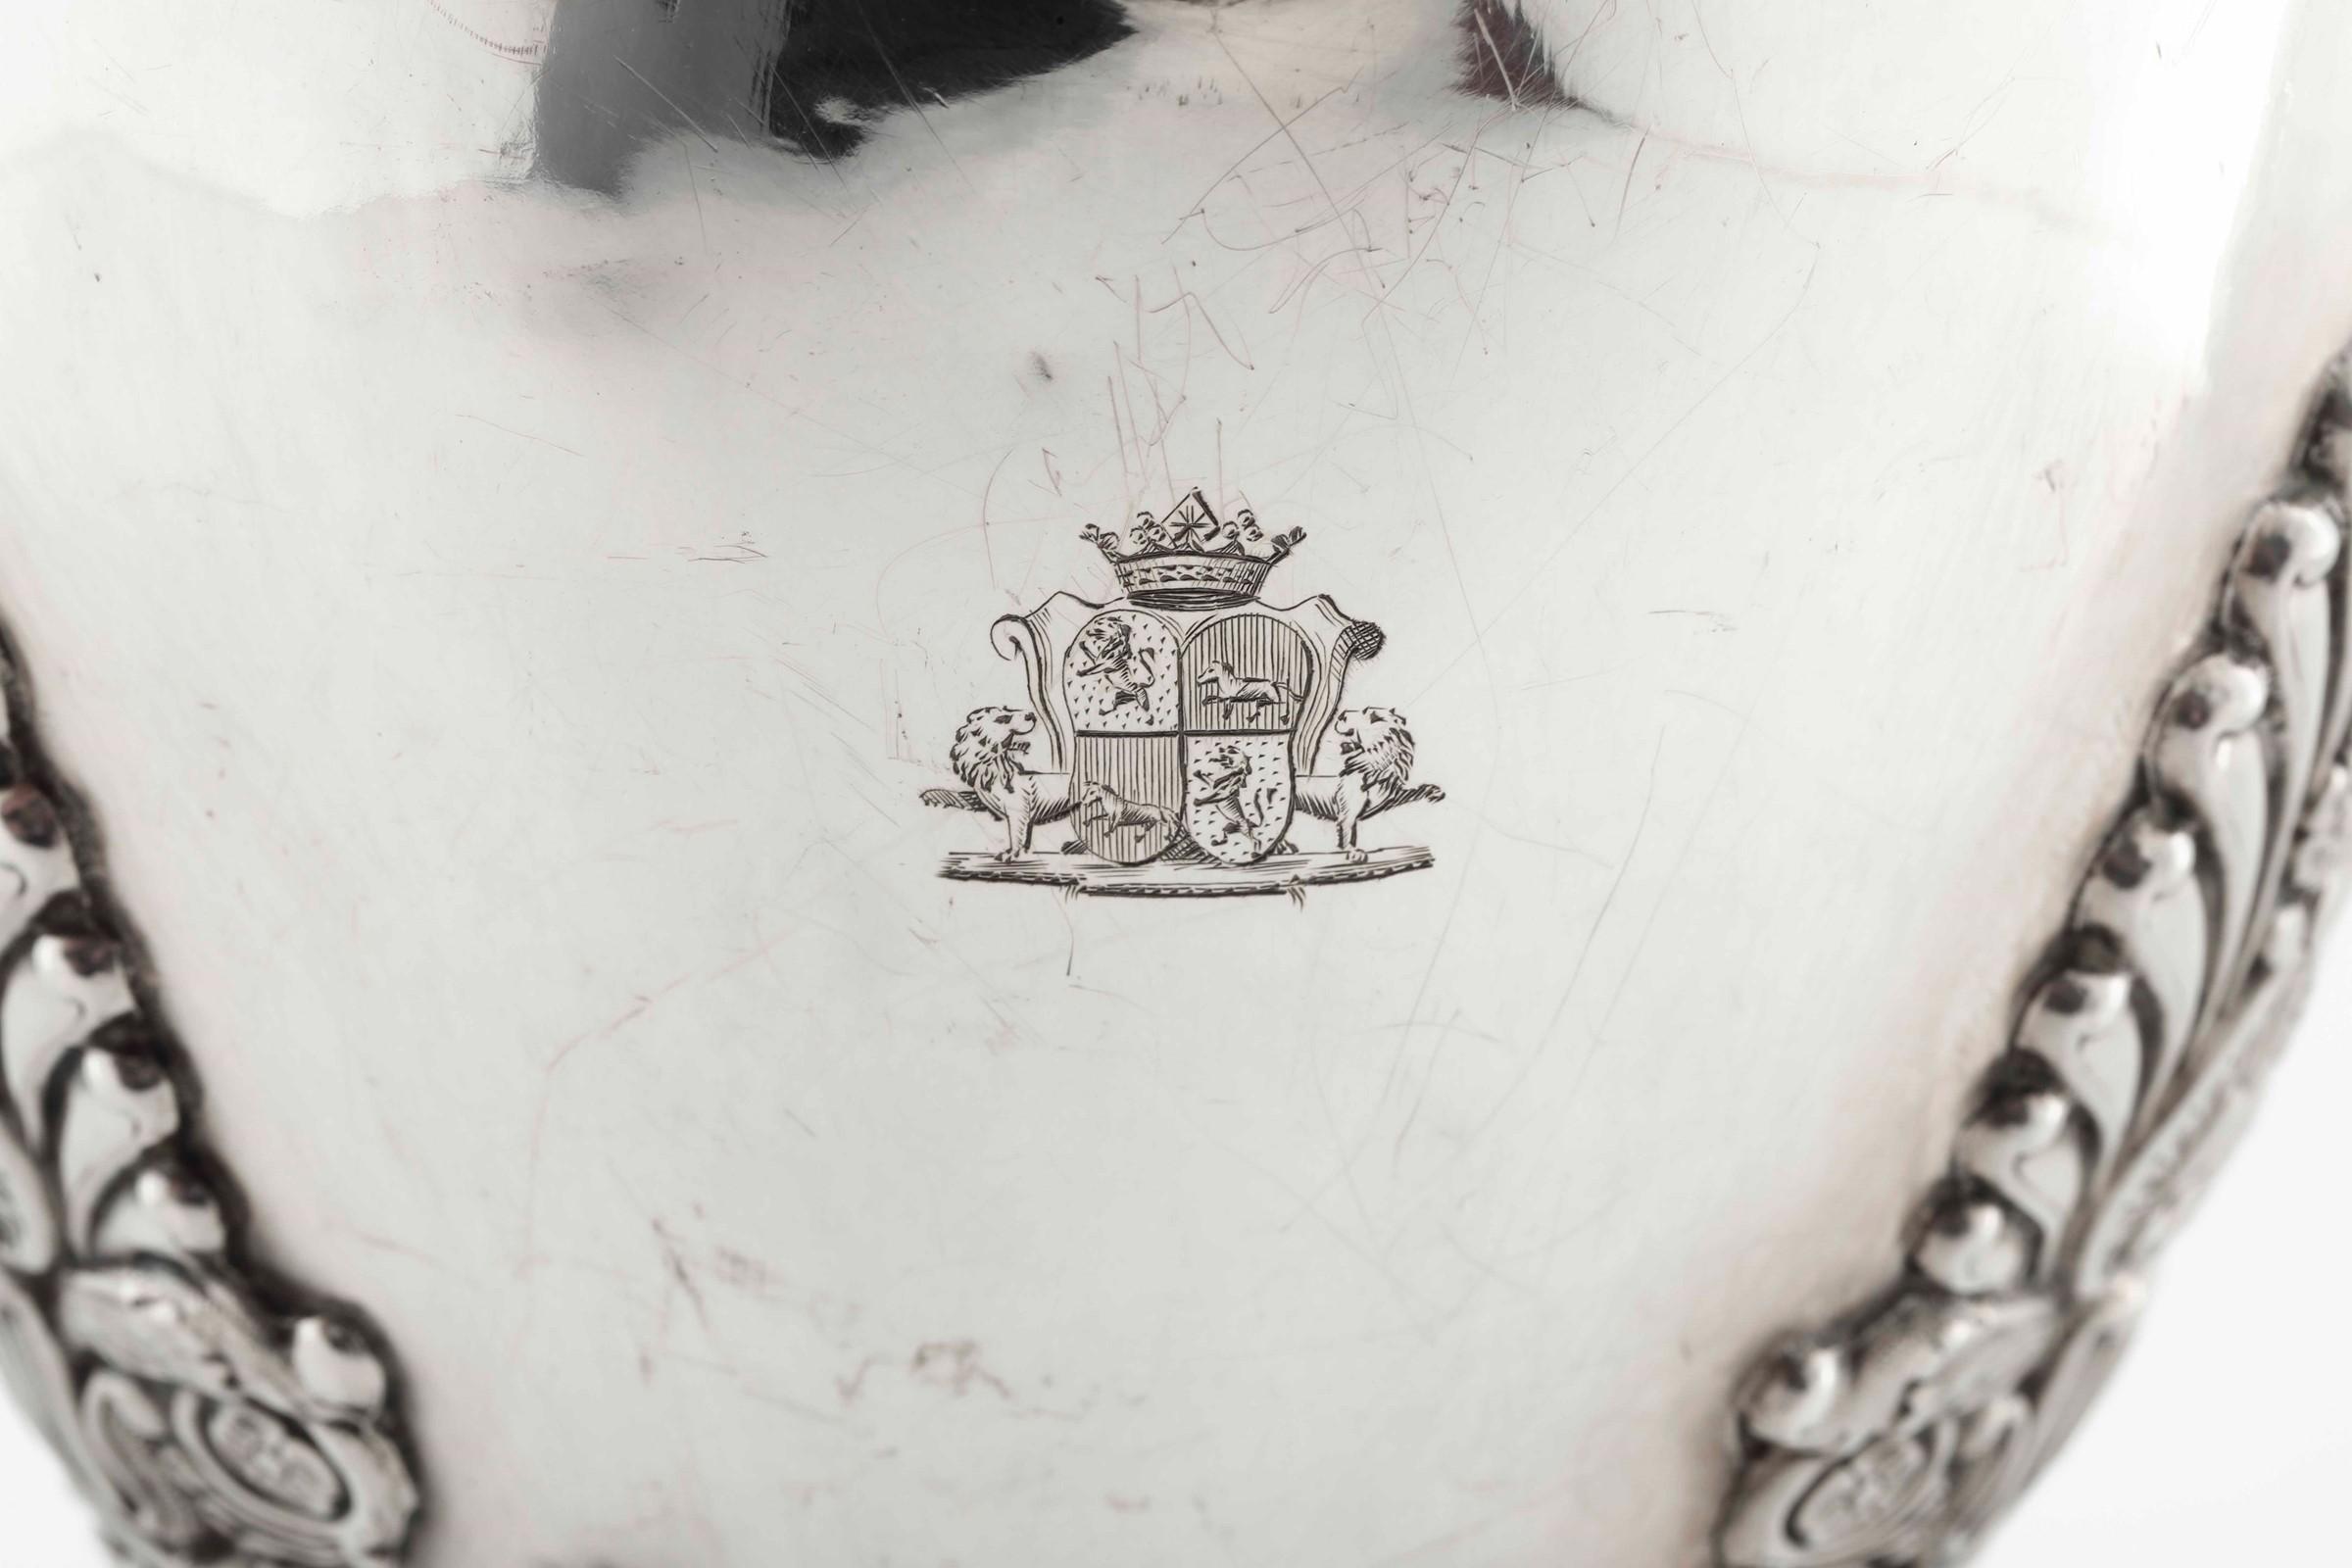 Caffettiera in argento primo titolo fuso, sbalzato e cesellato. Francia marchi di [...] - Image 2 of 5